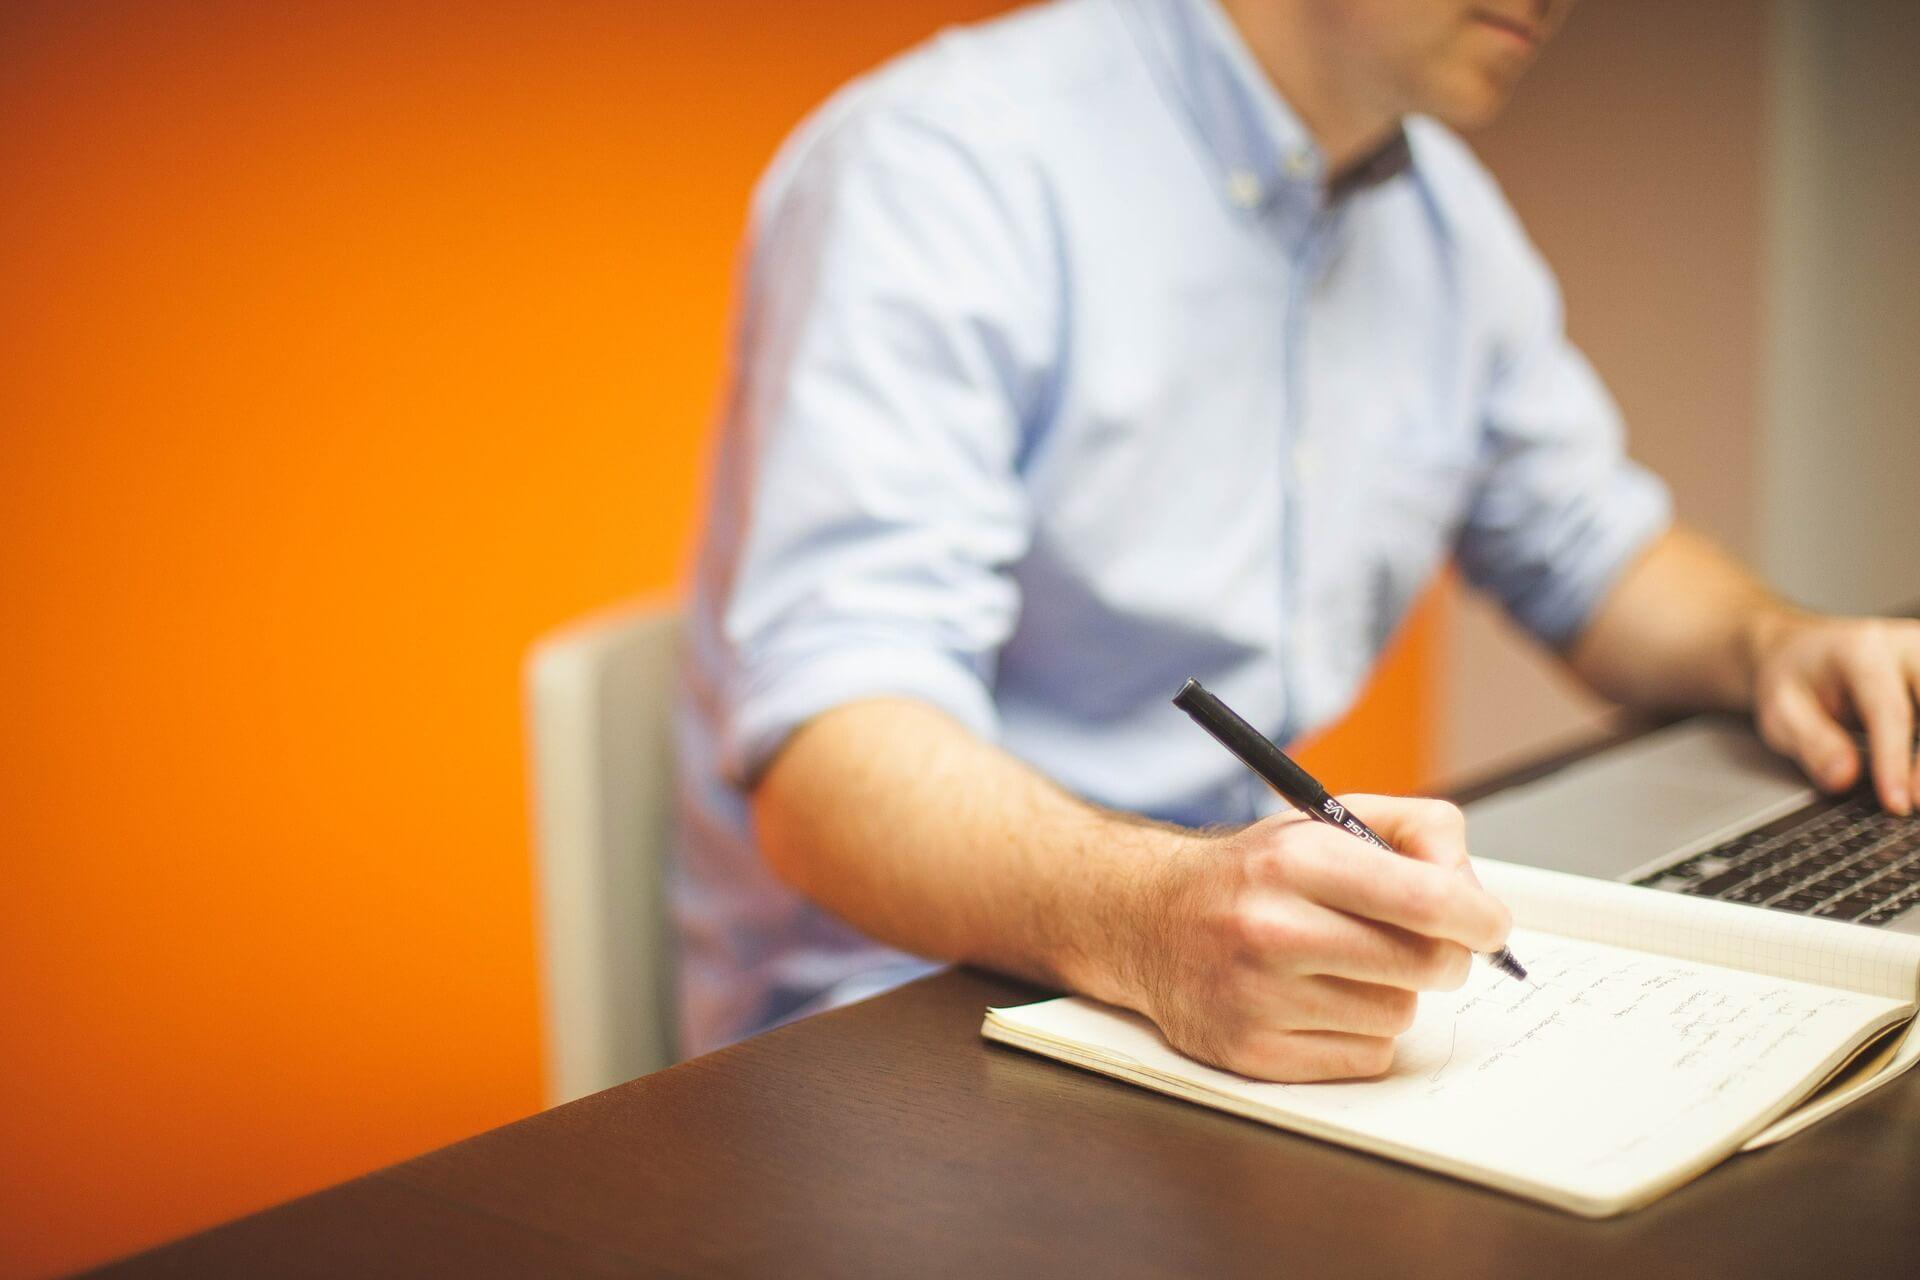 zdjęcie przedstawiające mężczyznę przed komputerem, który robi notatki